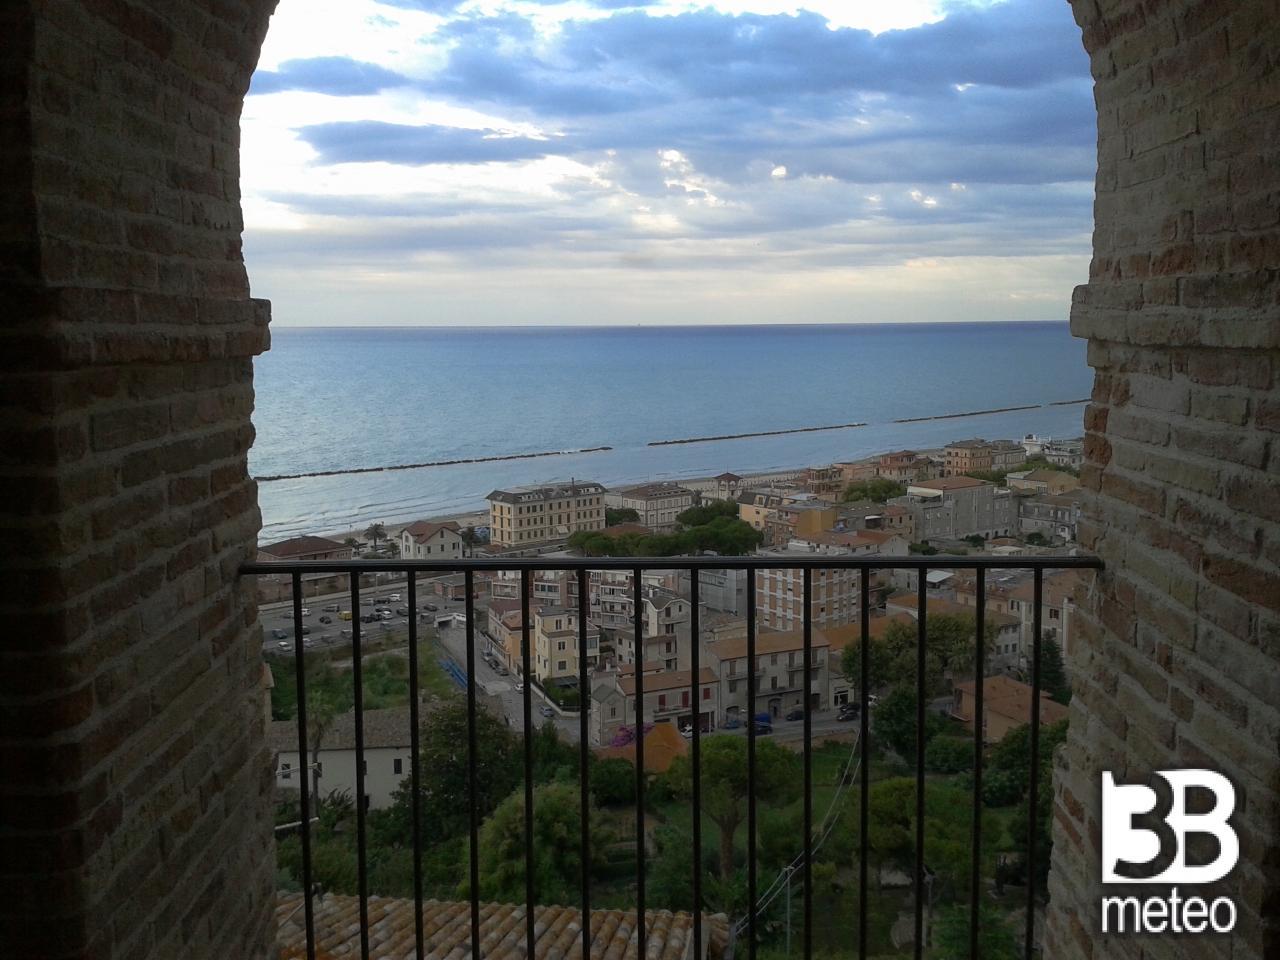 La terrazza grottammare 28 images emejing grottammare le terrazze gallery idee arredamento - Gemelli diversi mary testo ...